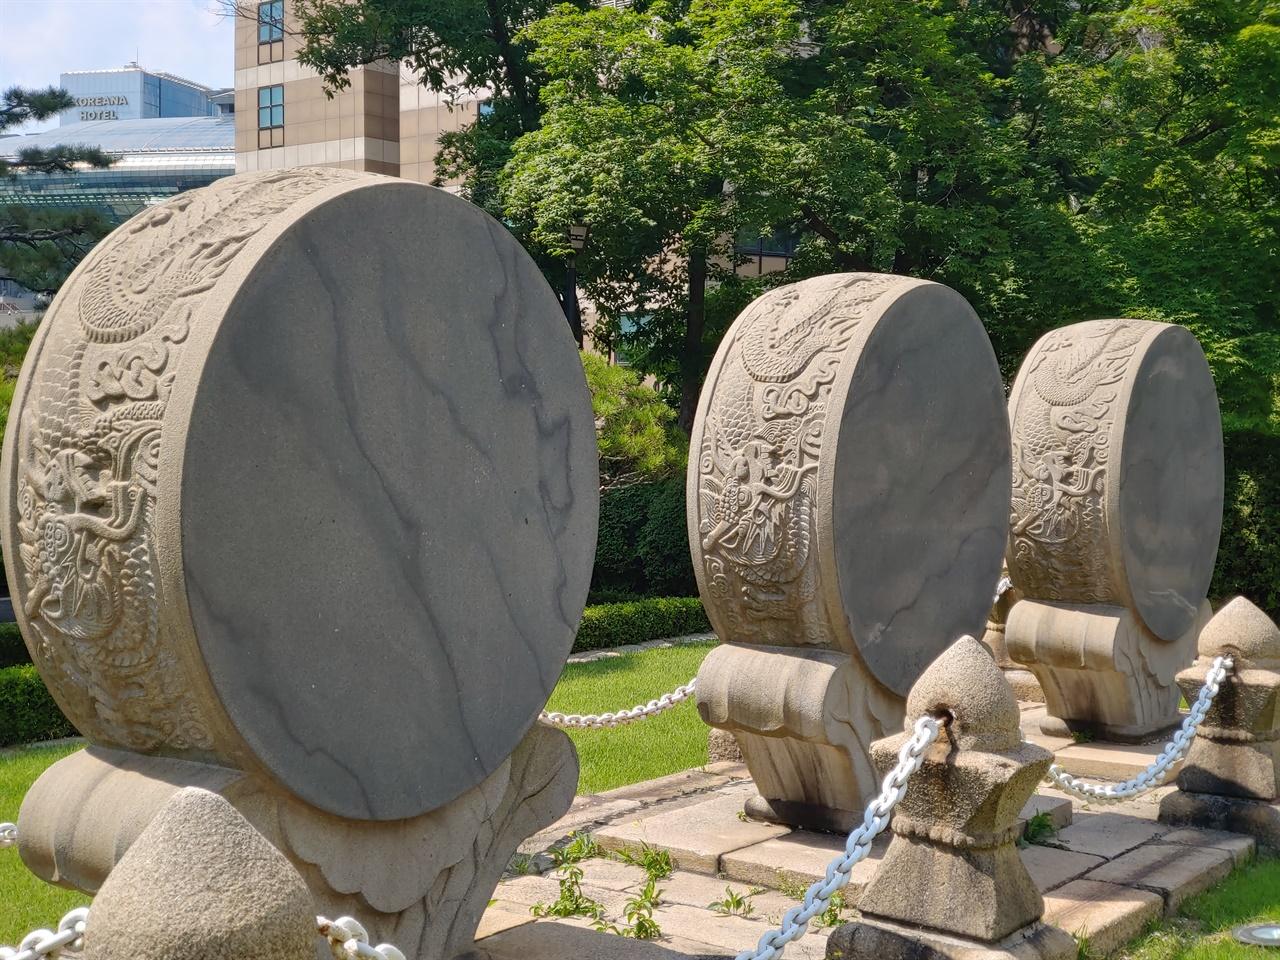 돌로 만든 3개의 북 고종 즉위 40주년을 기념하여 1902년에 만들었다. 몸체에 화려한 용 문양을 새겼다.